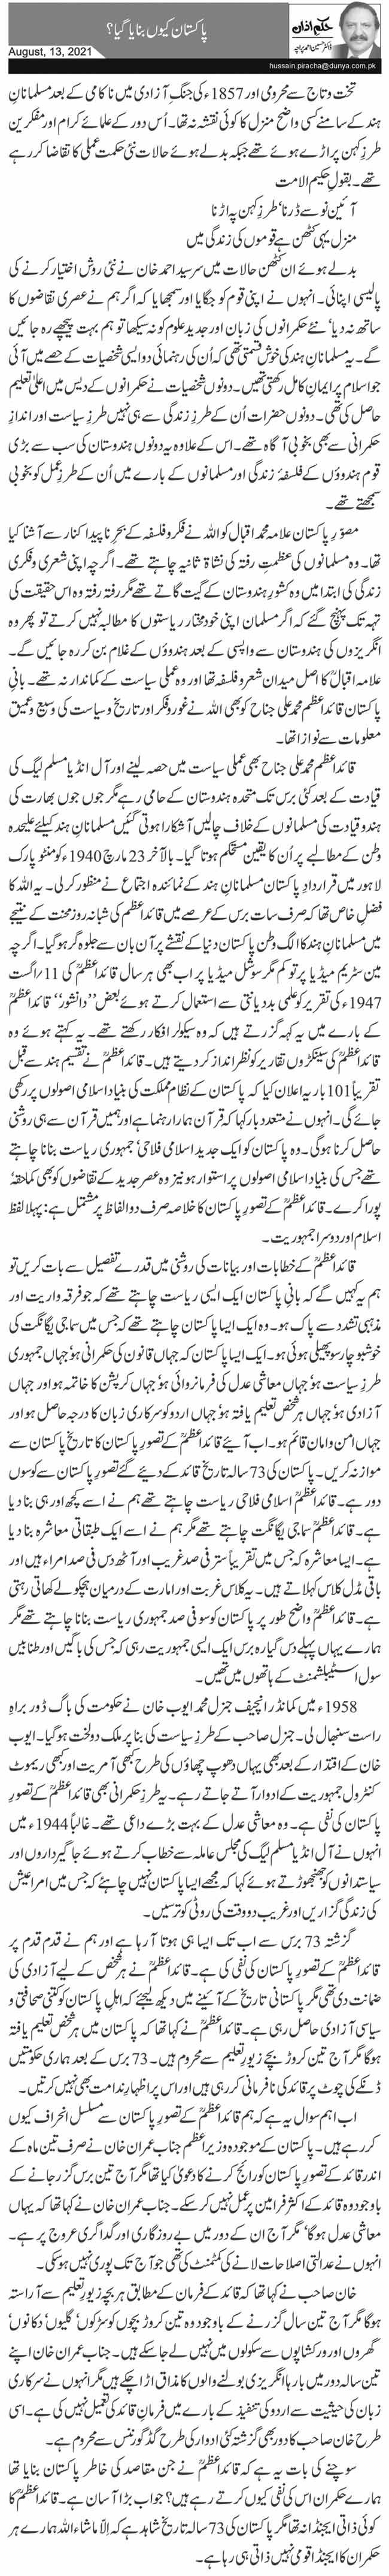 پاکستان کیوں بنایا گیا؟